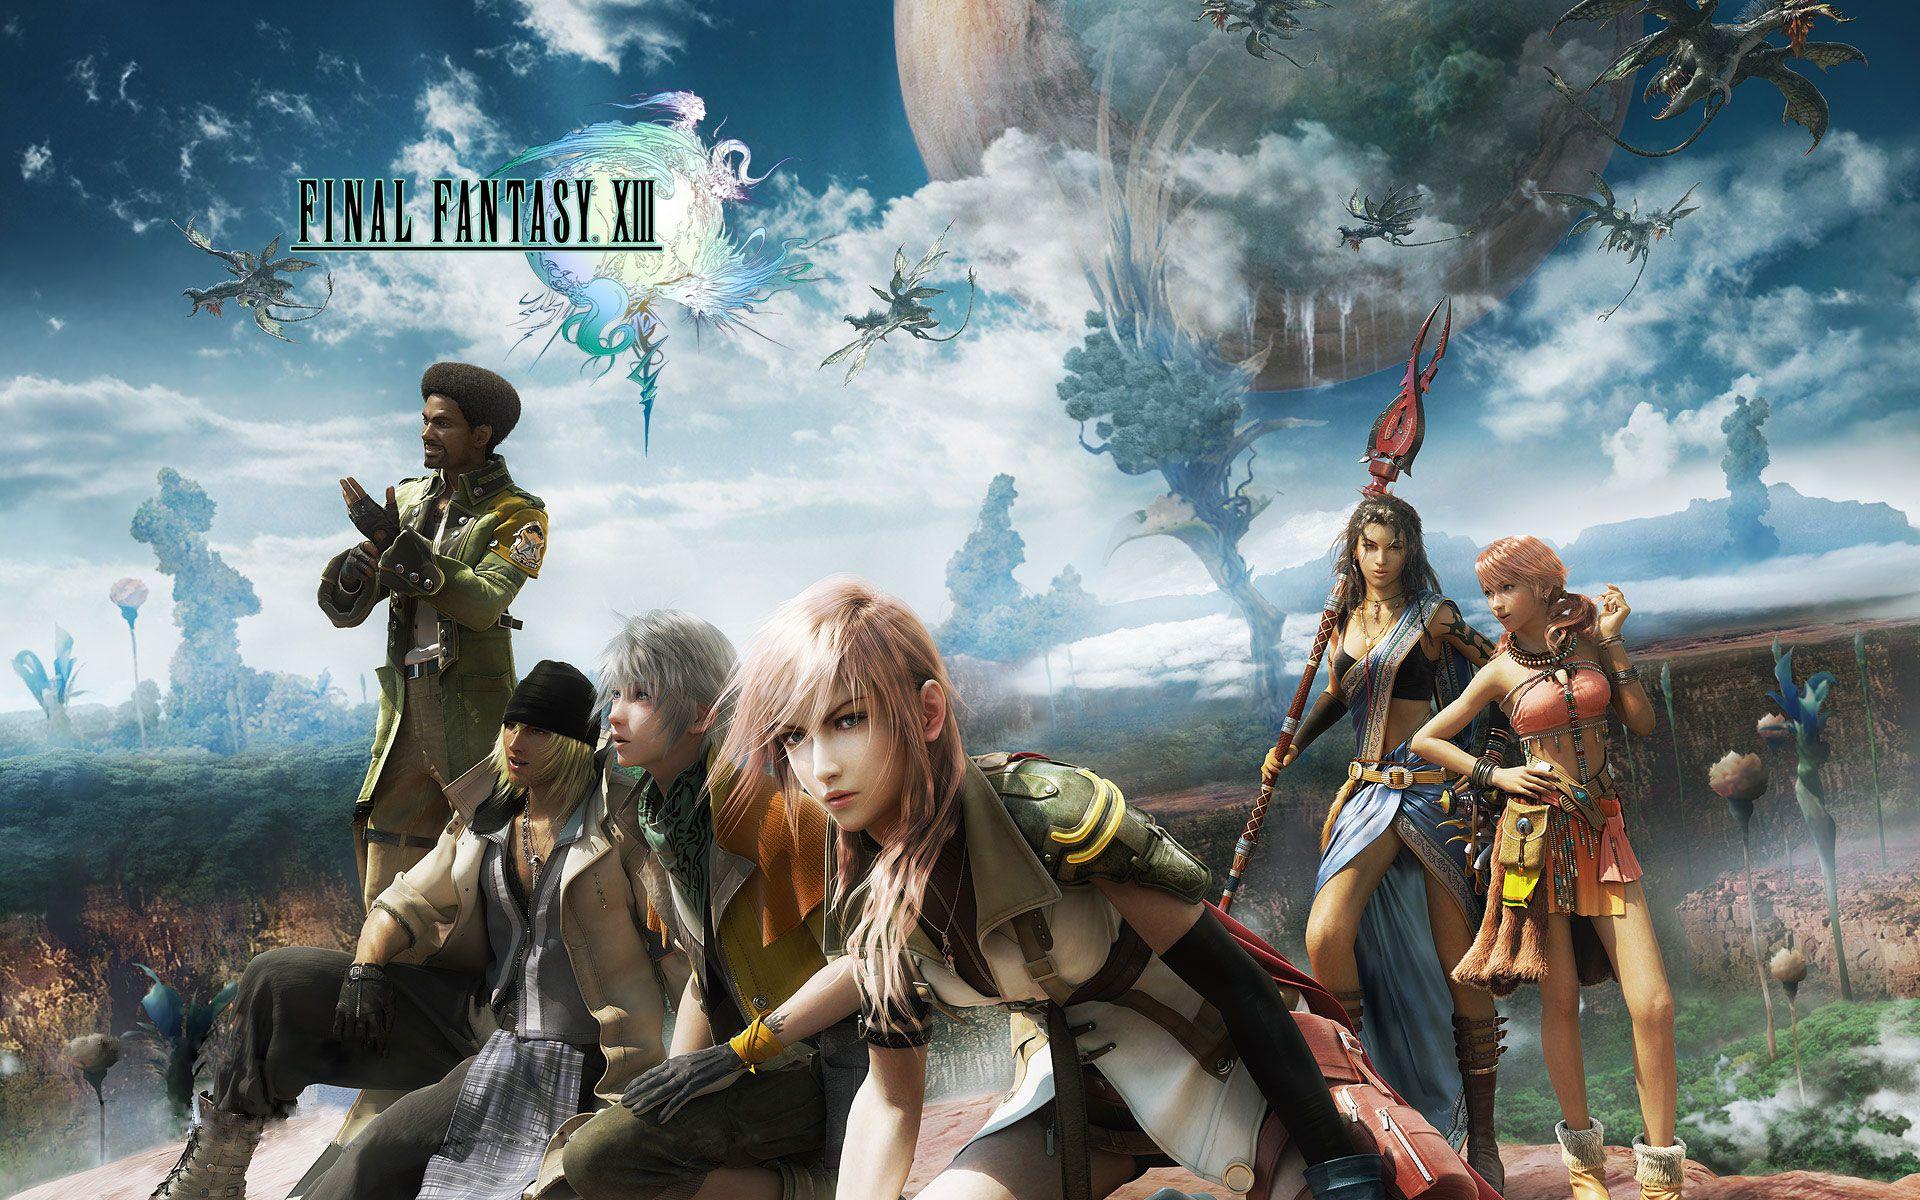 Final Fantasy Xiii Hd Wallpapers In Hd Final Fantasy Wallpaper